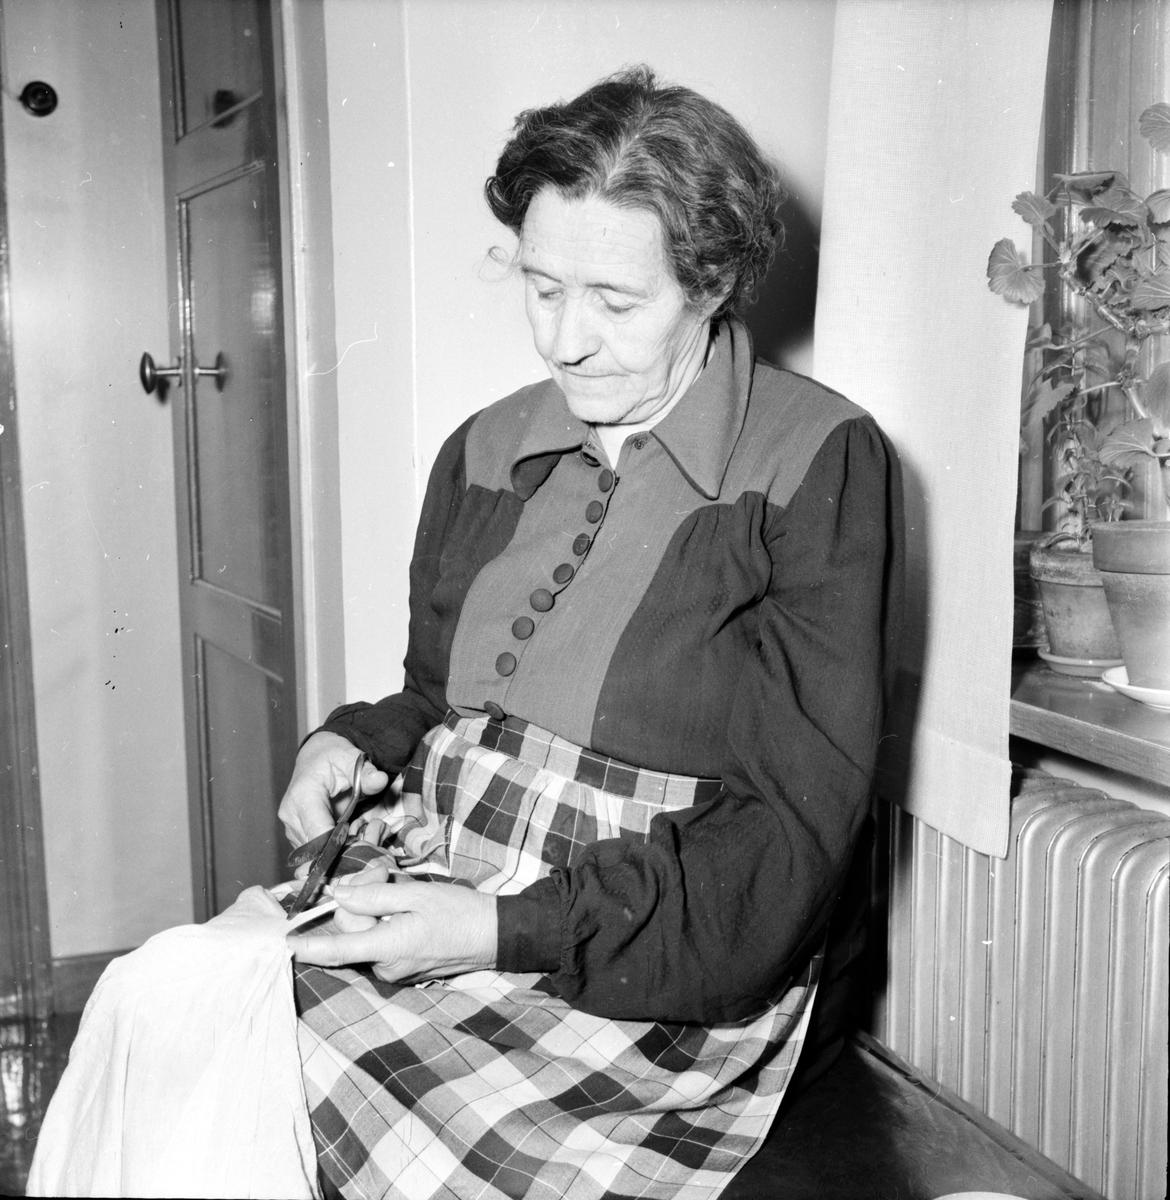 Söräng,Studion, Maria Öberg m.döttrar, Emy Brolin m. syster